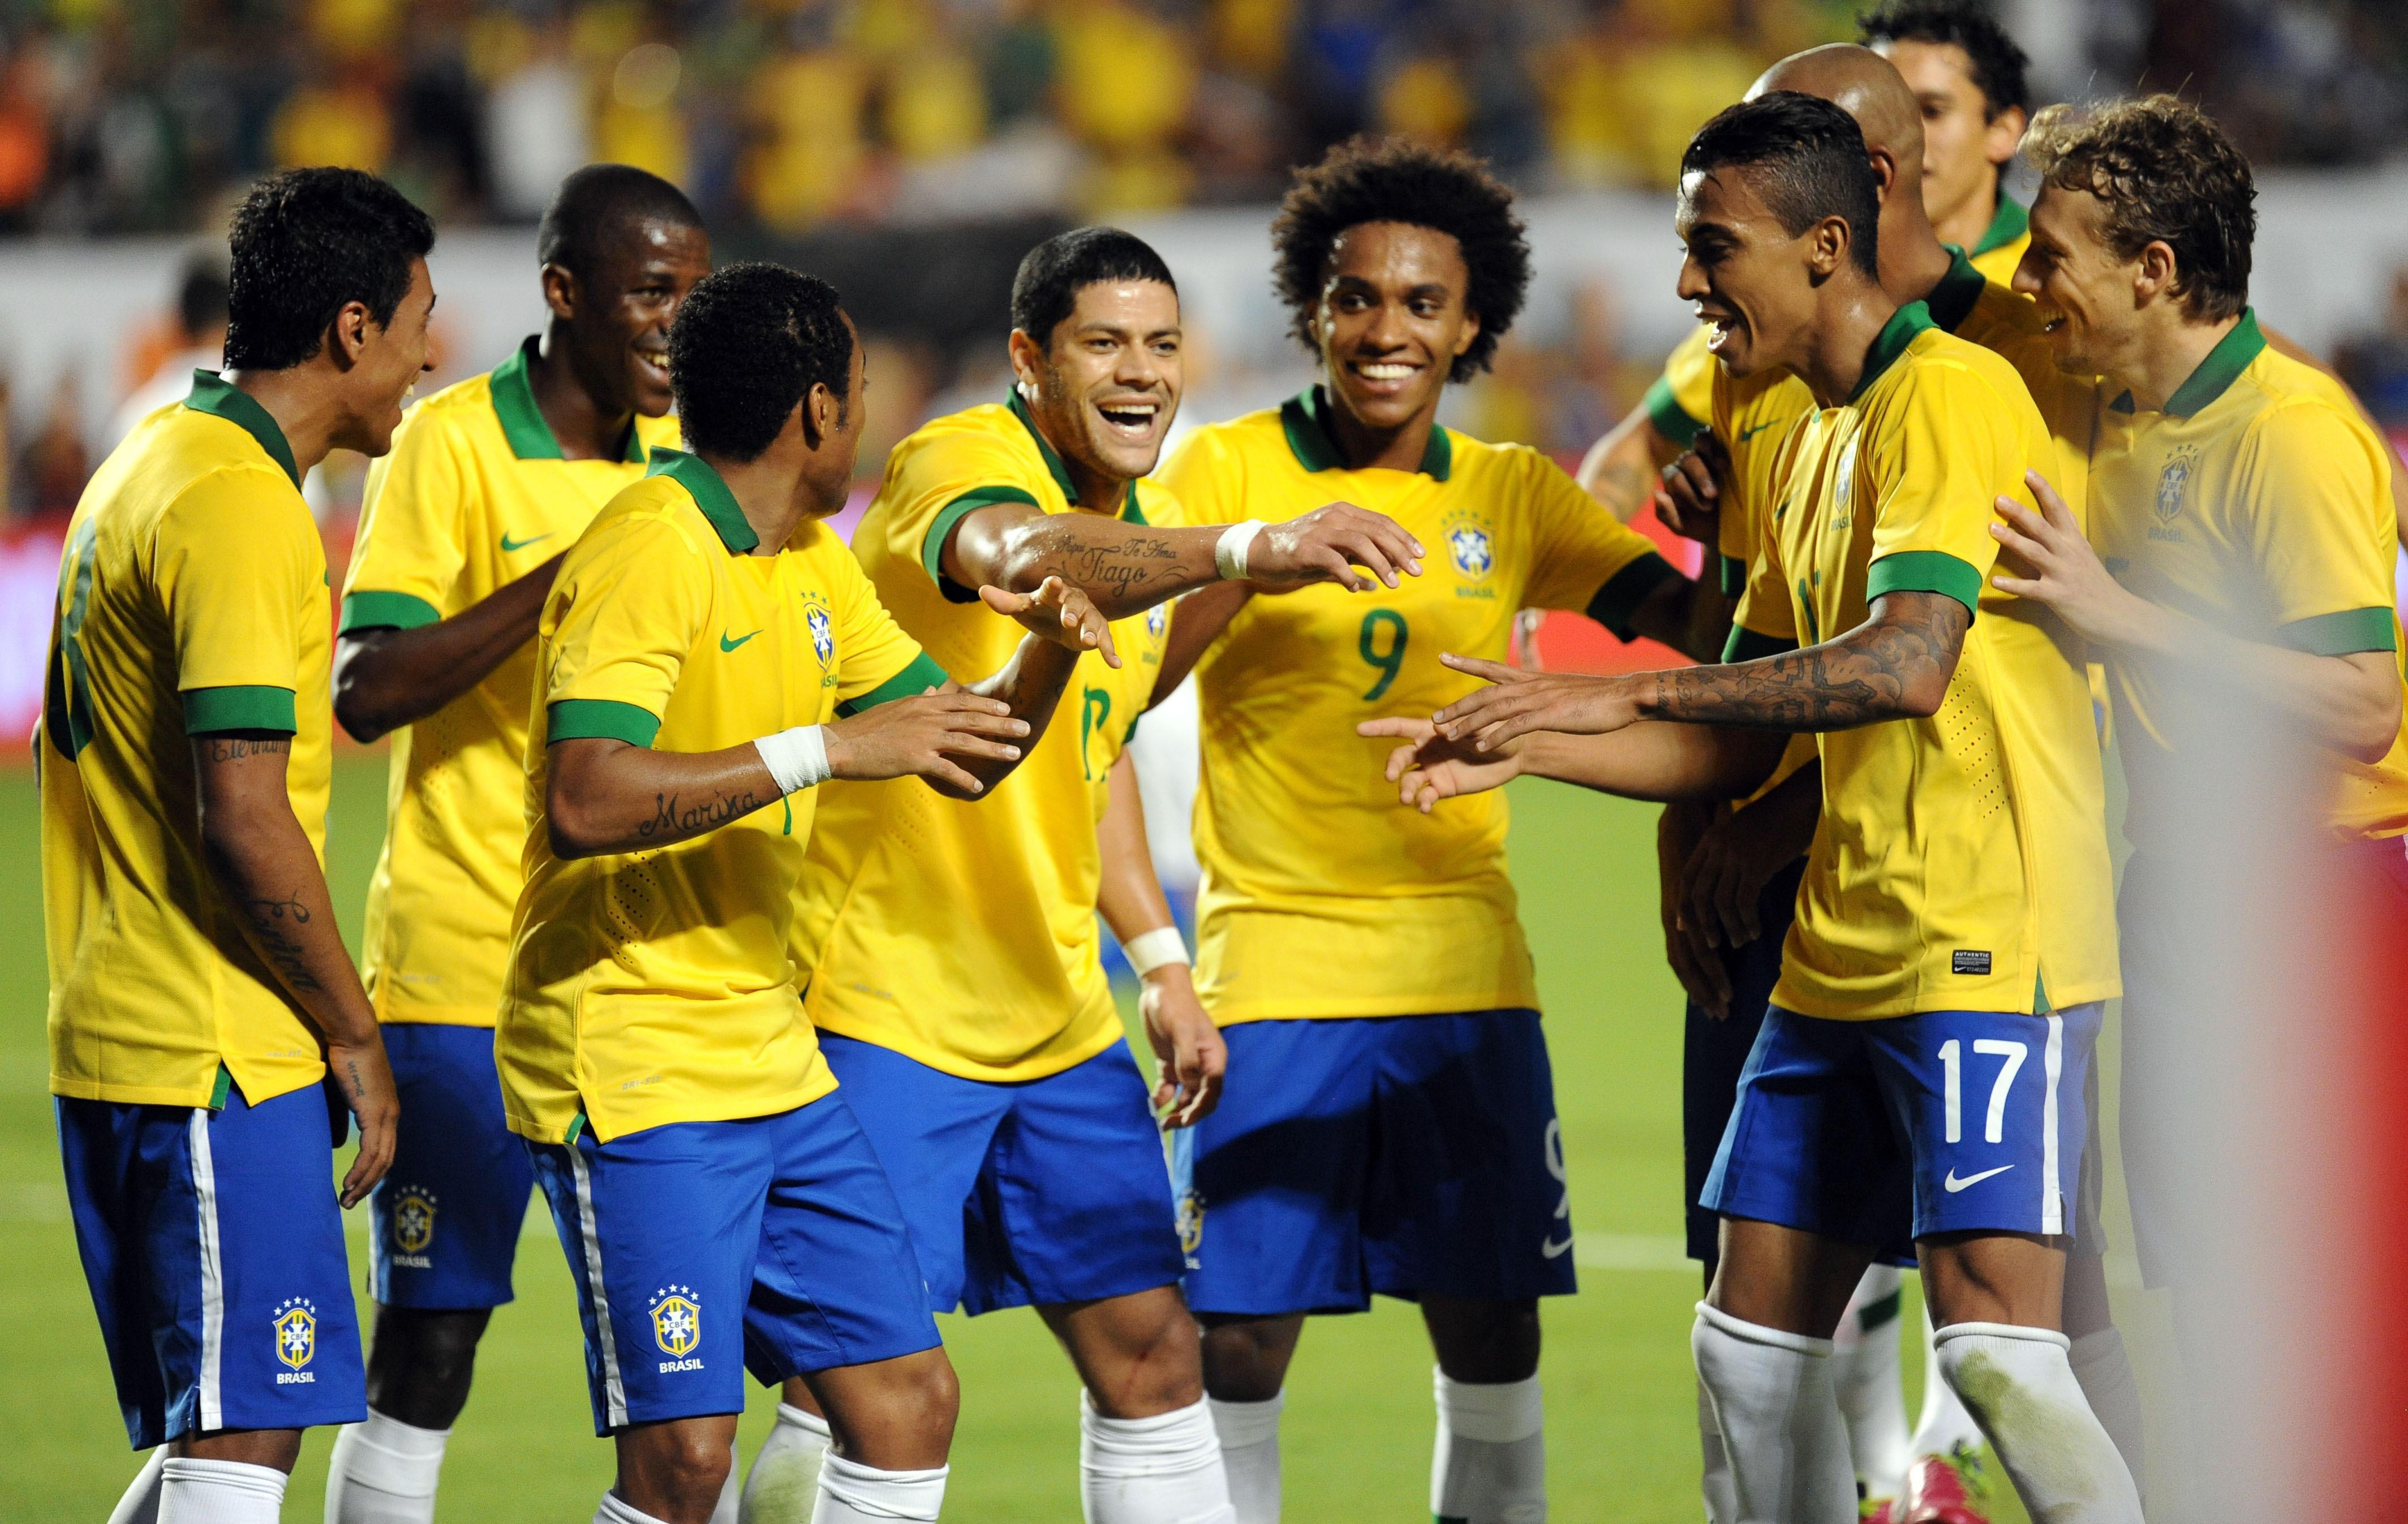 Le br sil en d monstration coupe du monde football - Coupe du monde foot bresil ...